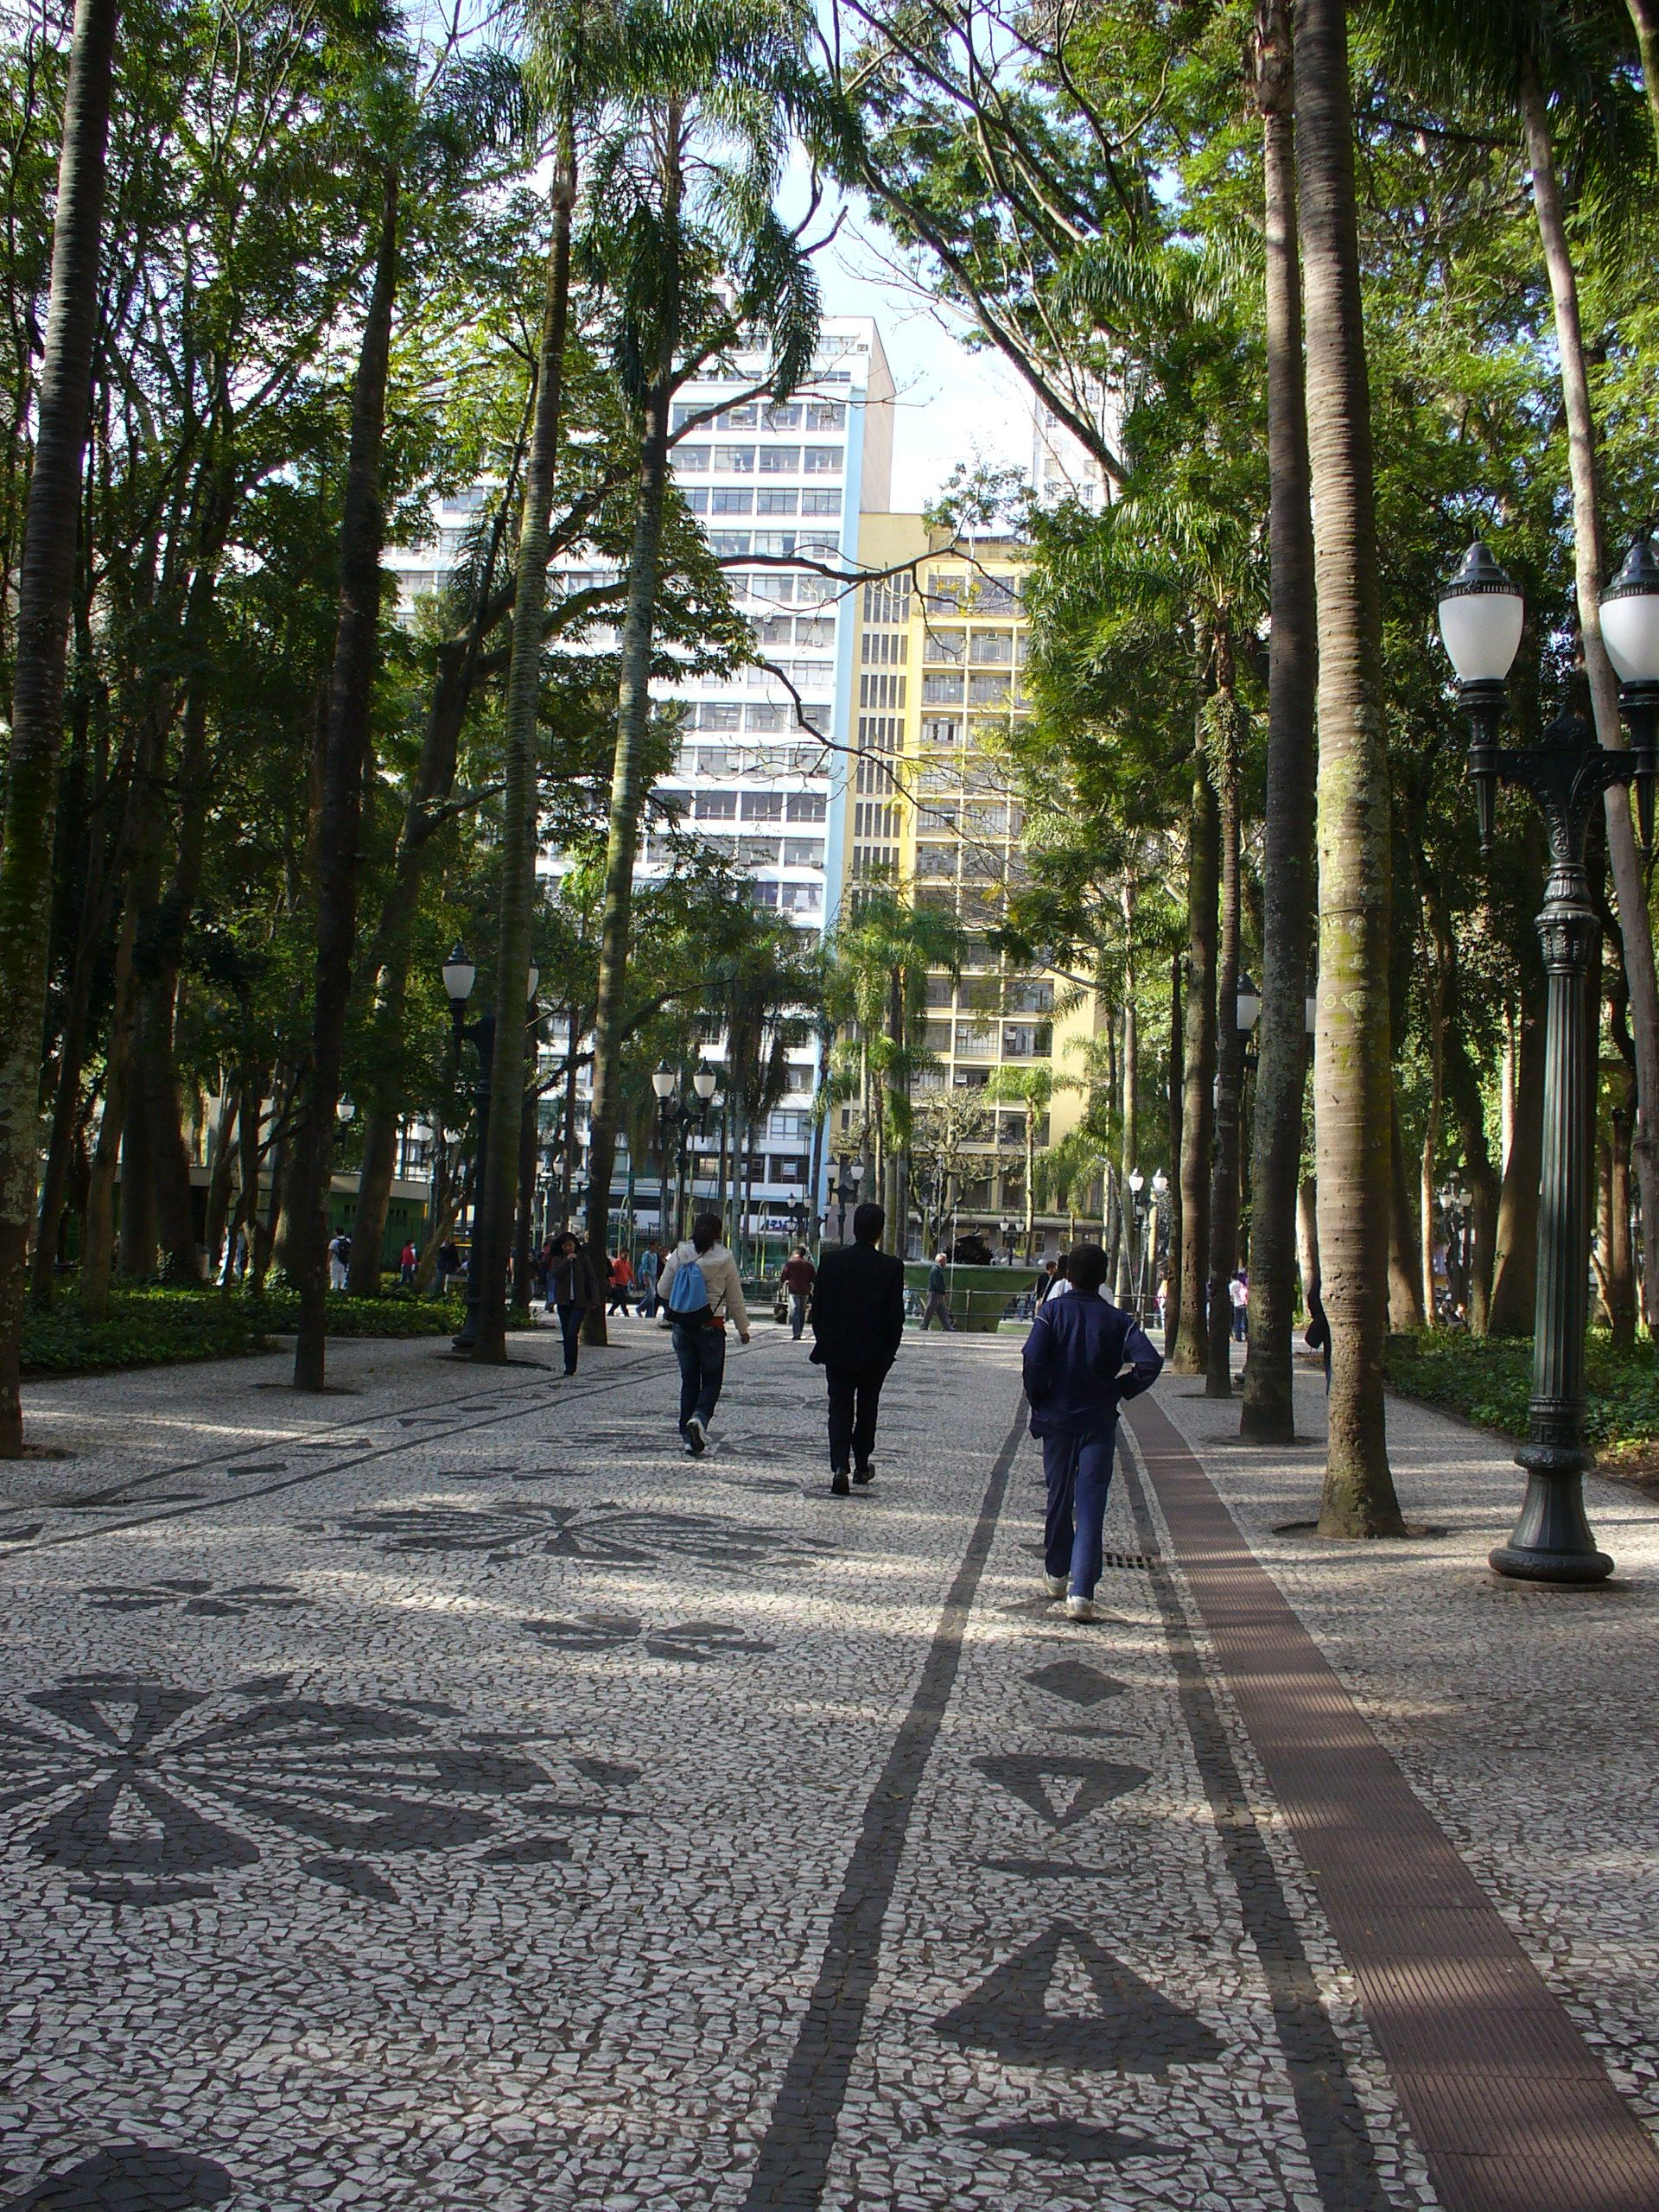 Uma rua de Curitiba, Paraná